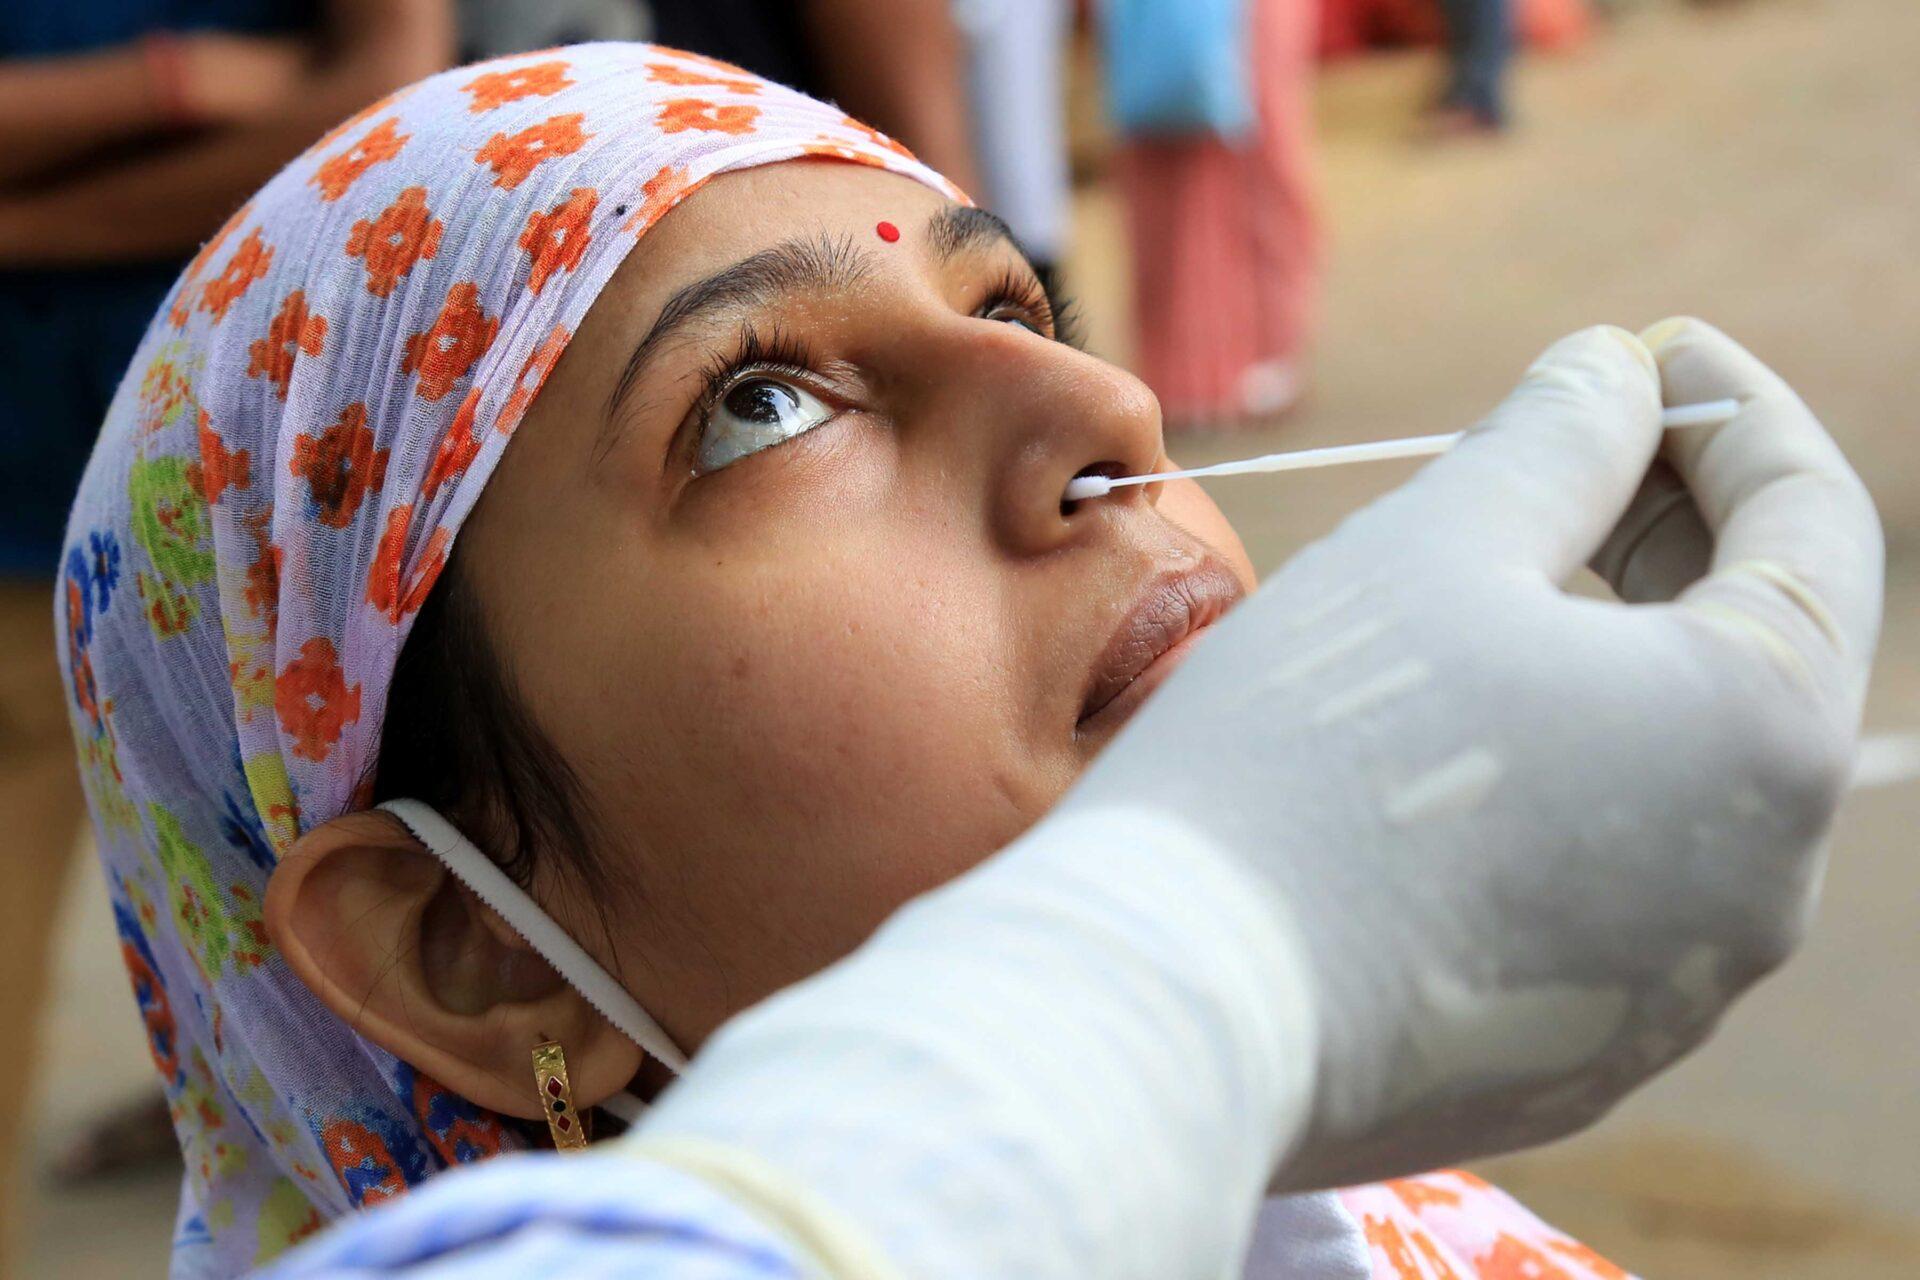 दक्षिण में तेज हुआ कोरोना, कर्नाटक में 24 घंटे में 50 हजार केसेज-Hindi News